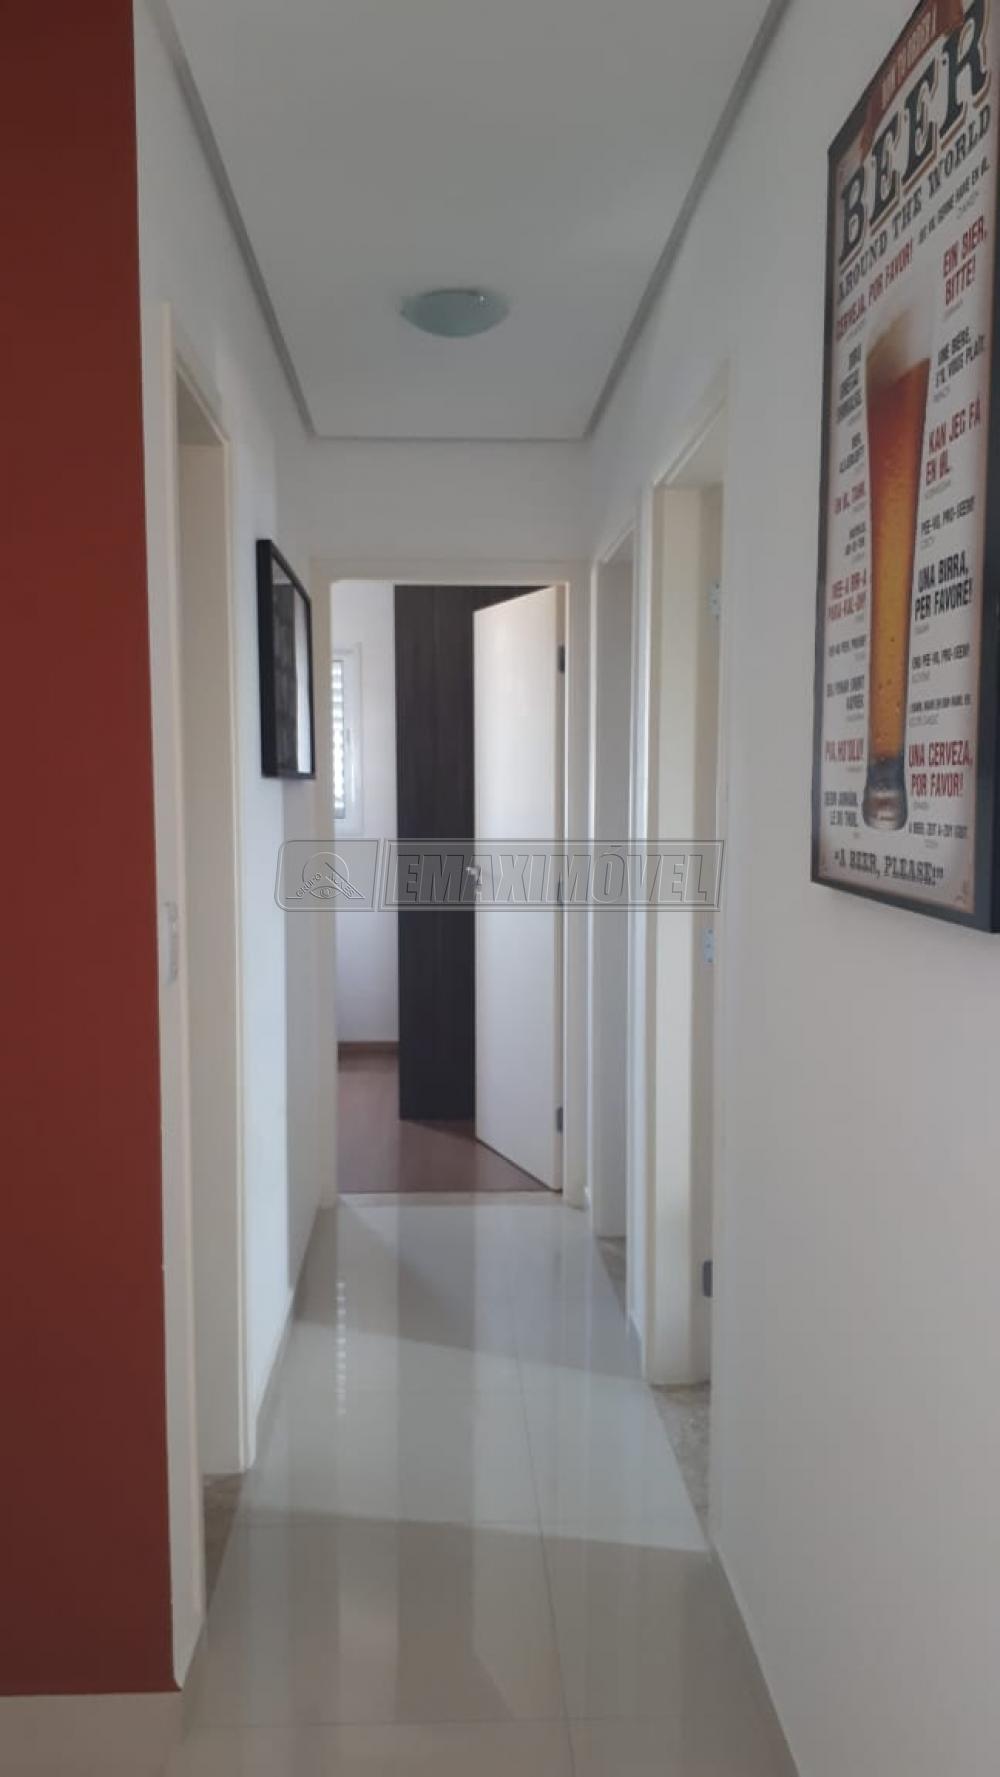 Comprar Apartamentos / Apto Padrão em Sorocaba apenas R$ 430.000,00 - Foto 11